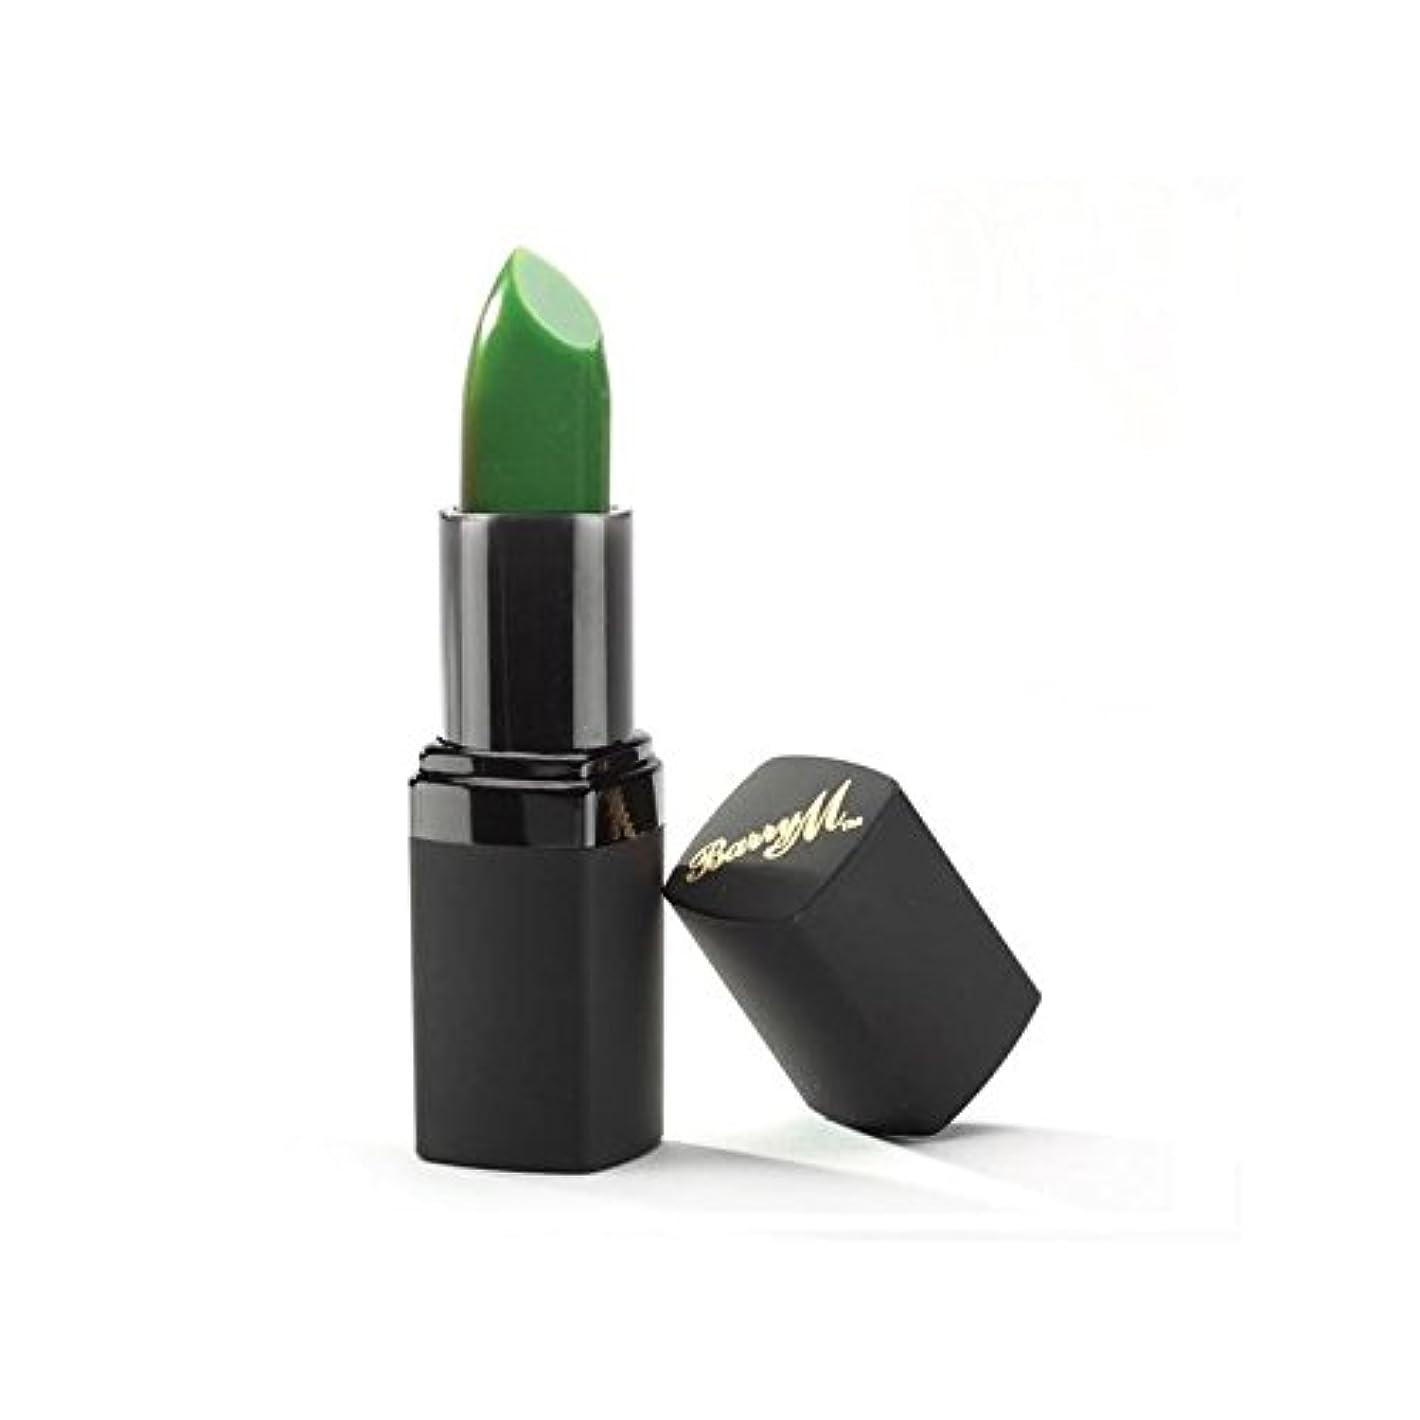 バーターマイク寄り添うバリーメートルリップ精霊の口紅 x2 - Barry M Lip Genie Lipstick (Pack of 2) [並行輸入品]